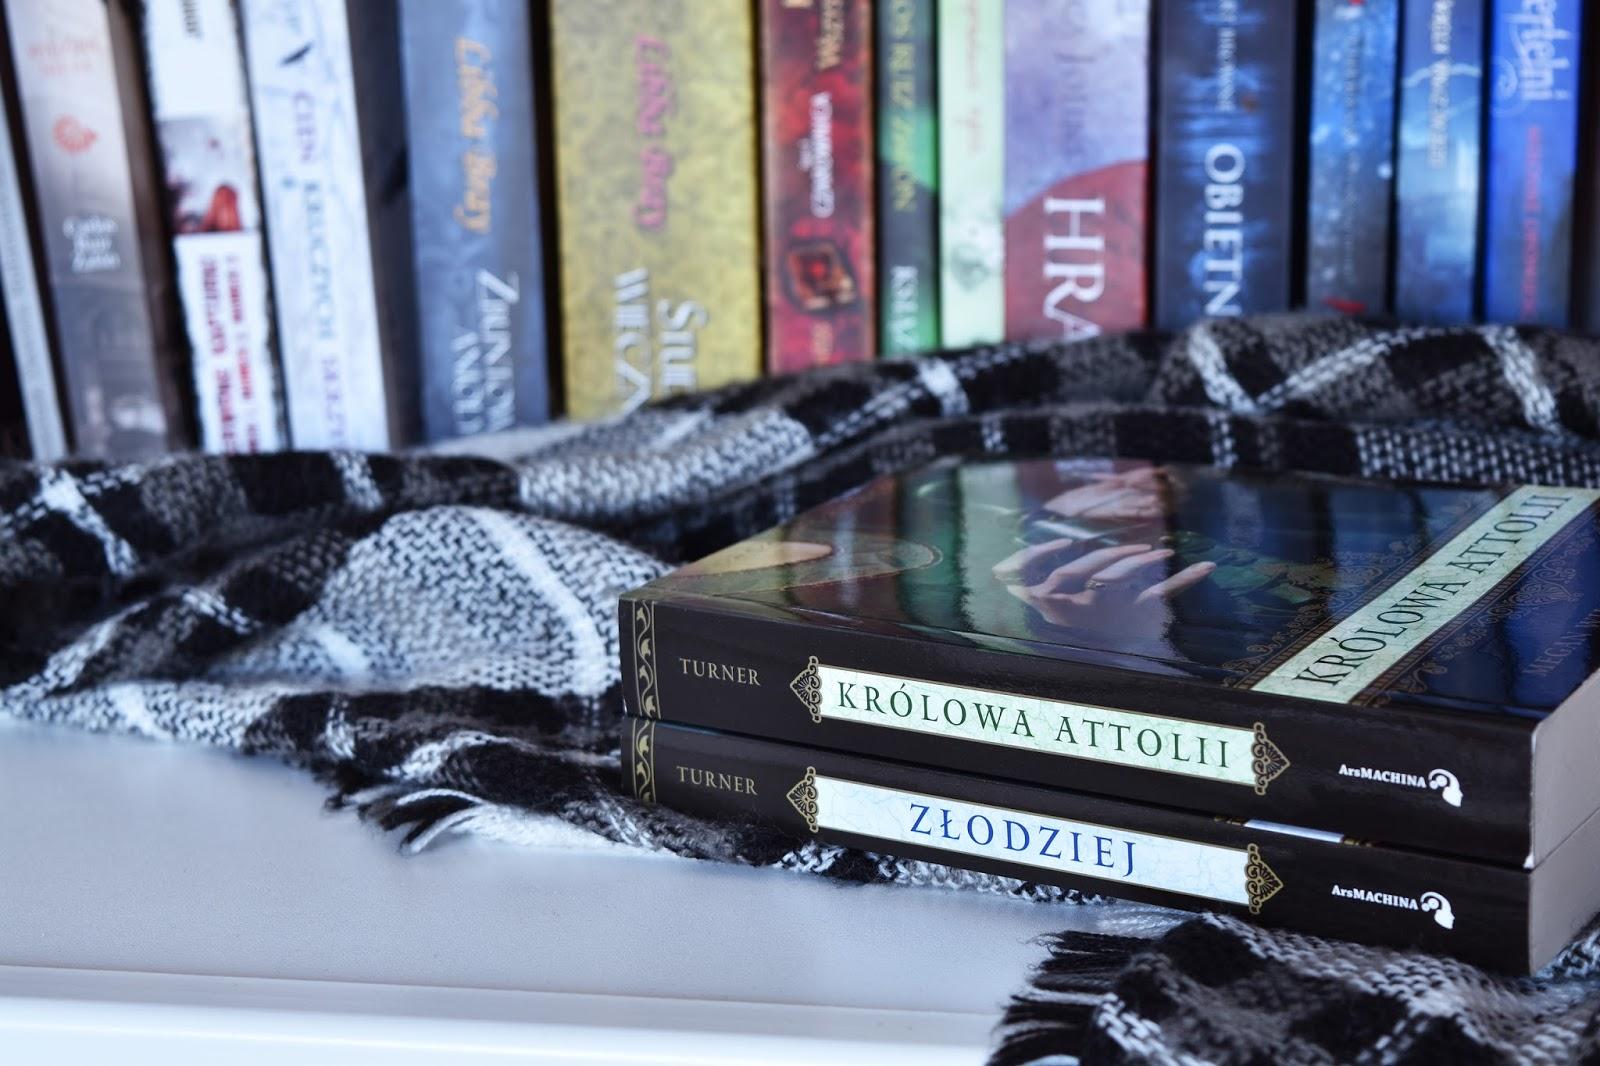 nowe książki, tanie książki, książki za parę złotych, stosik, sierpień, zakupy, czytam.pl, Dedalus, Tak czytam